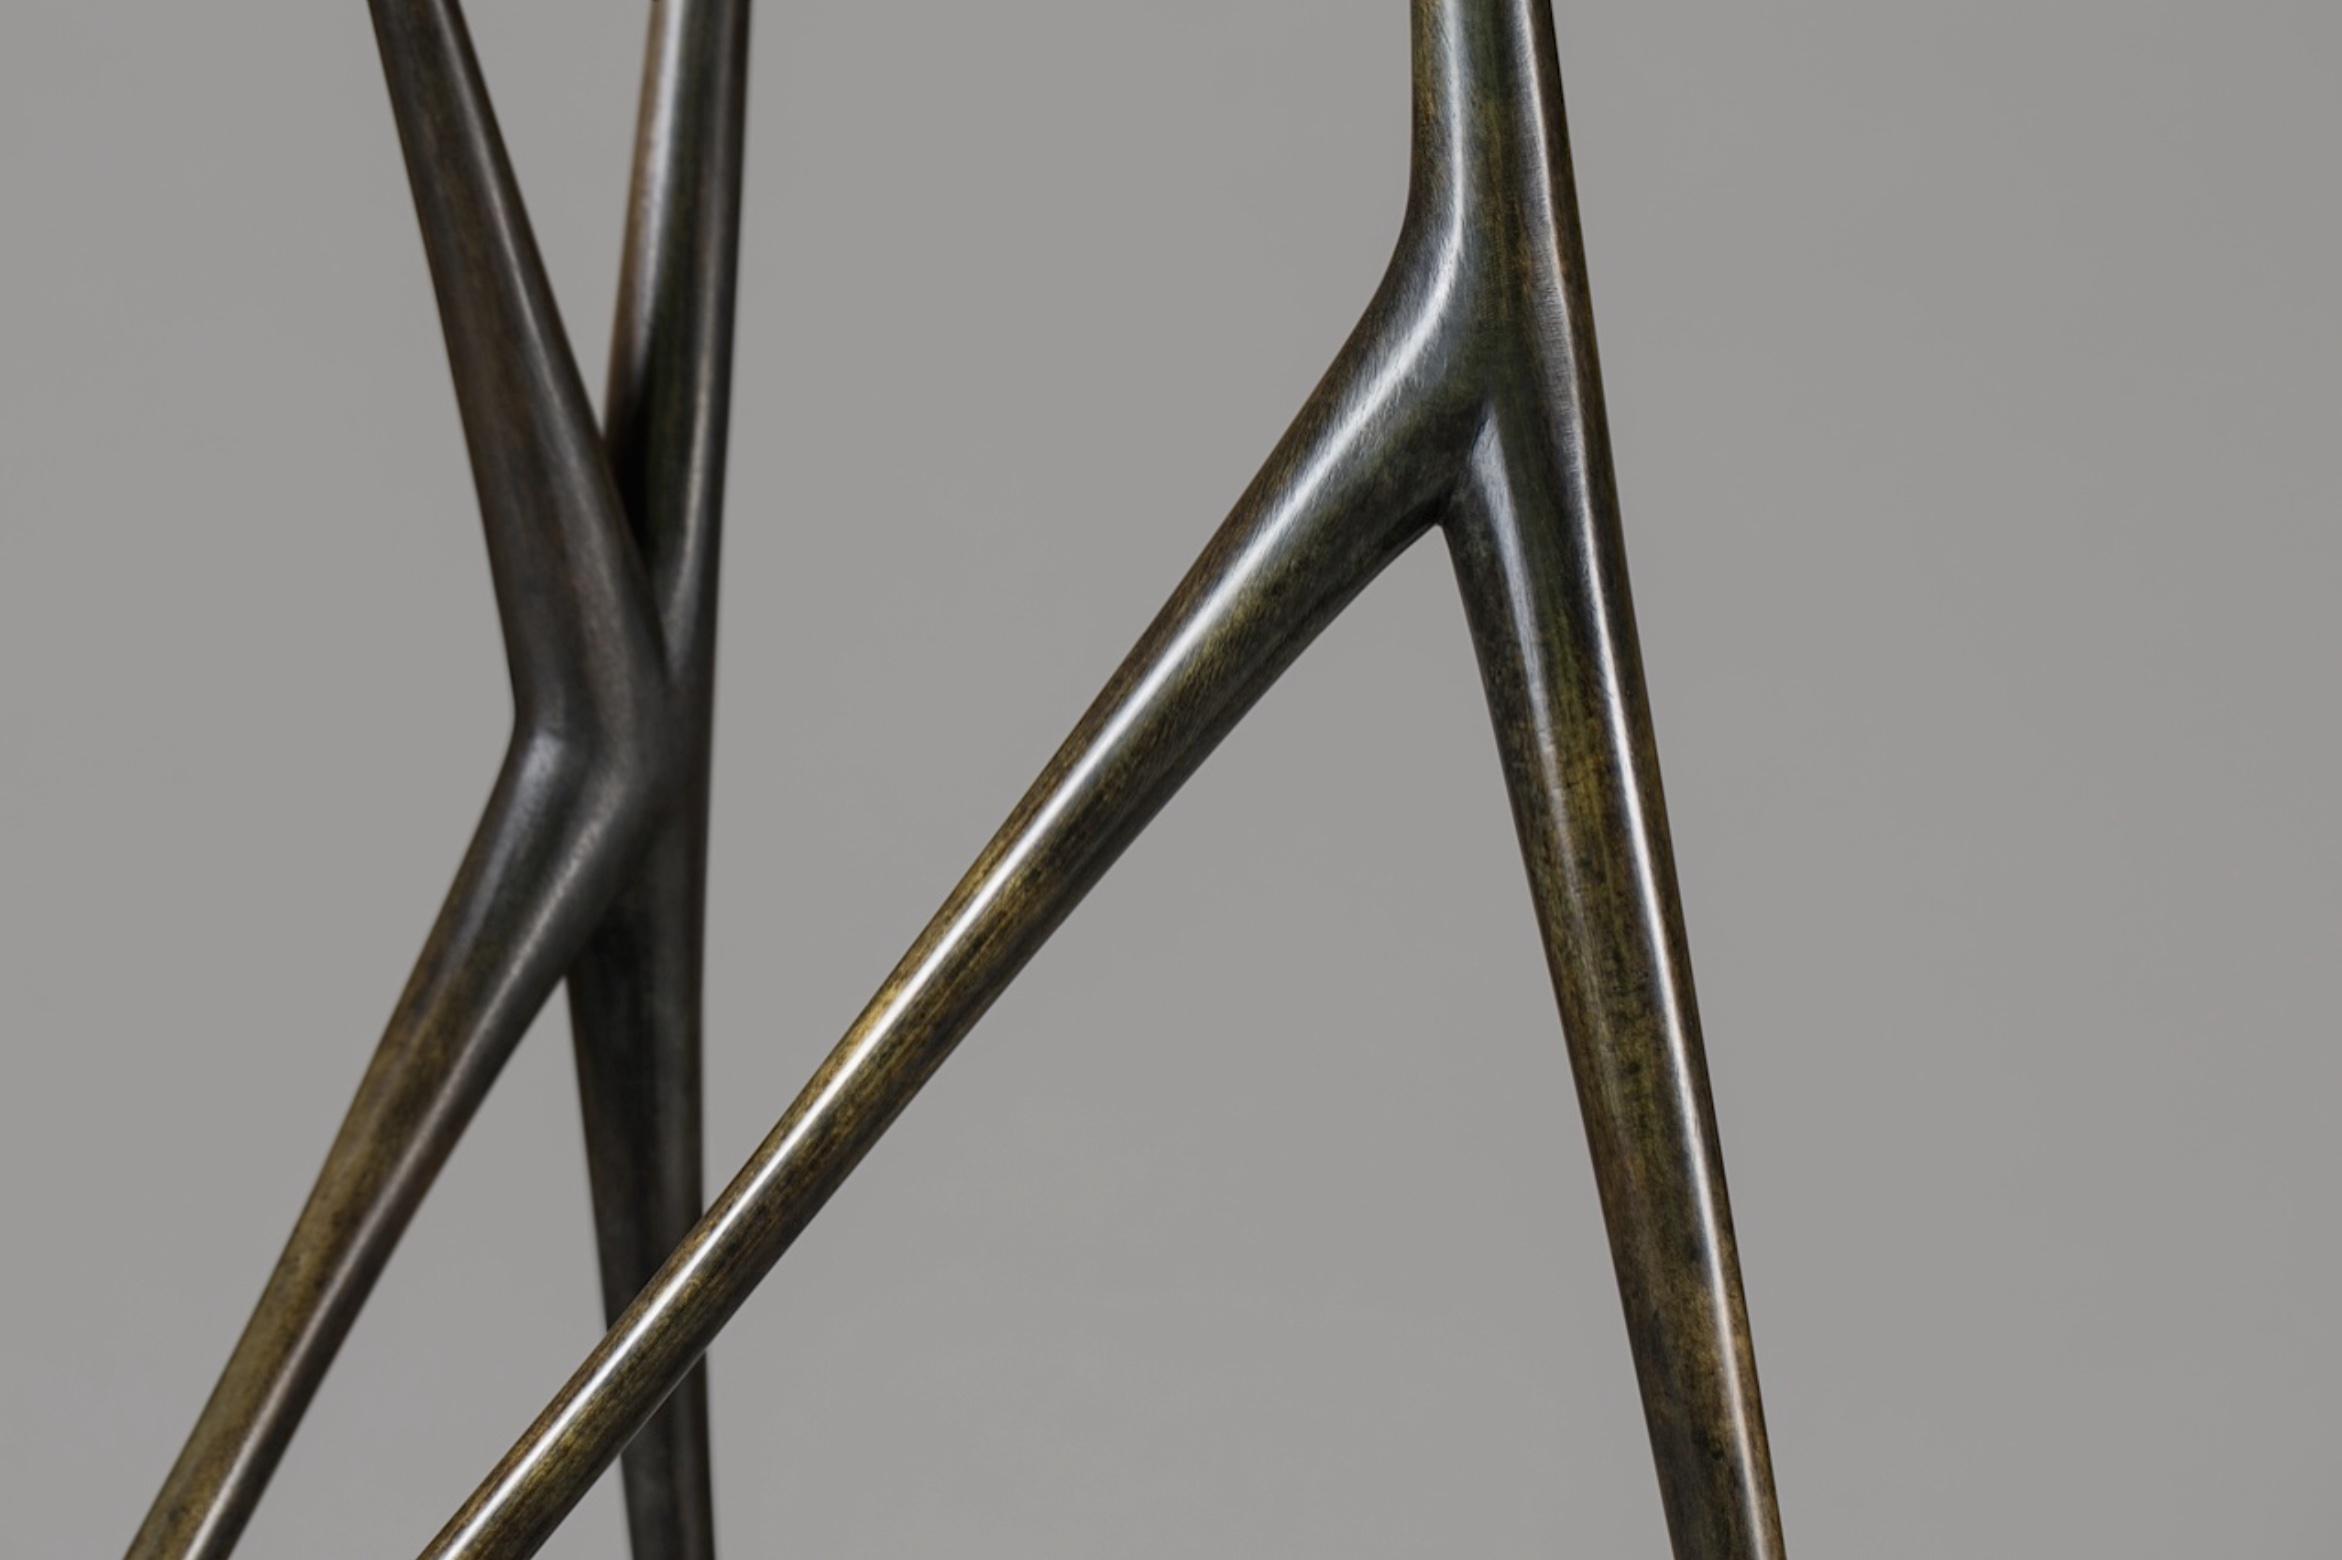 Allonge, a bronze sculpture by artist Christopher Kurtz